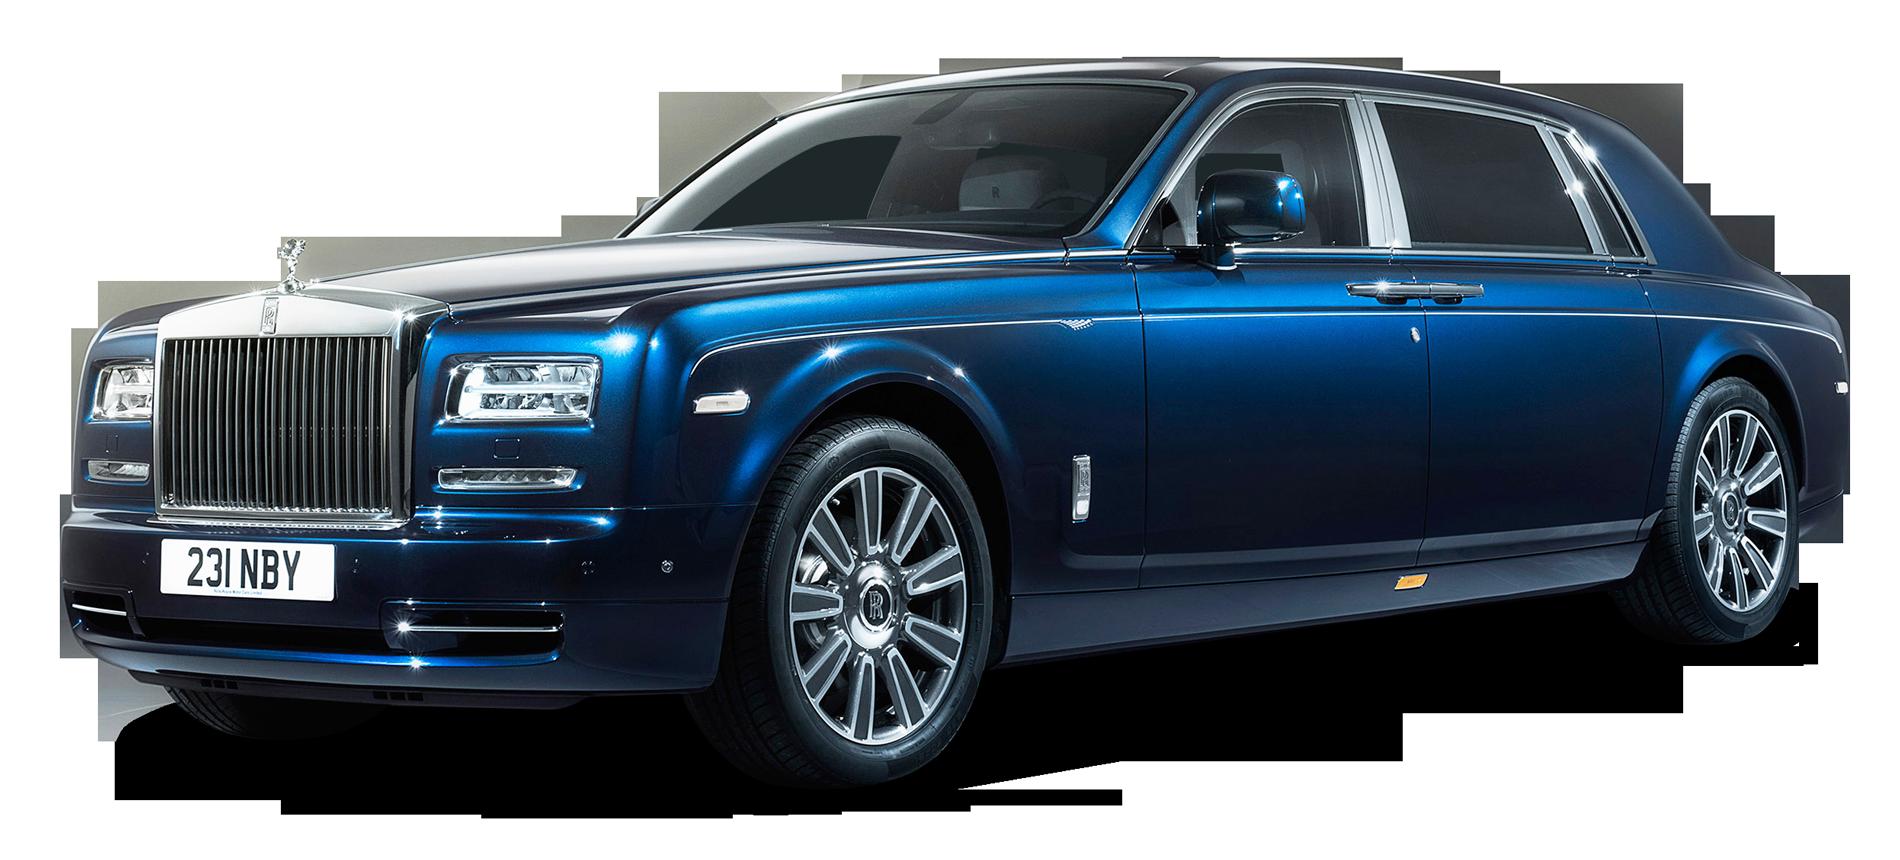 Rolls Royce Phantom Amadeus Worldwide